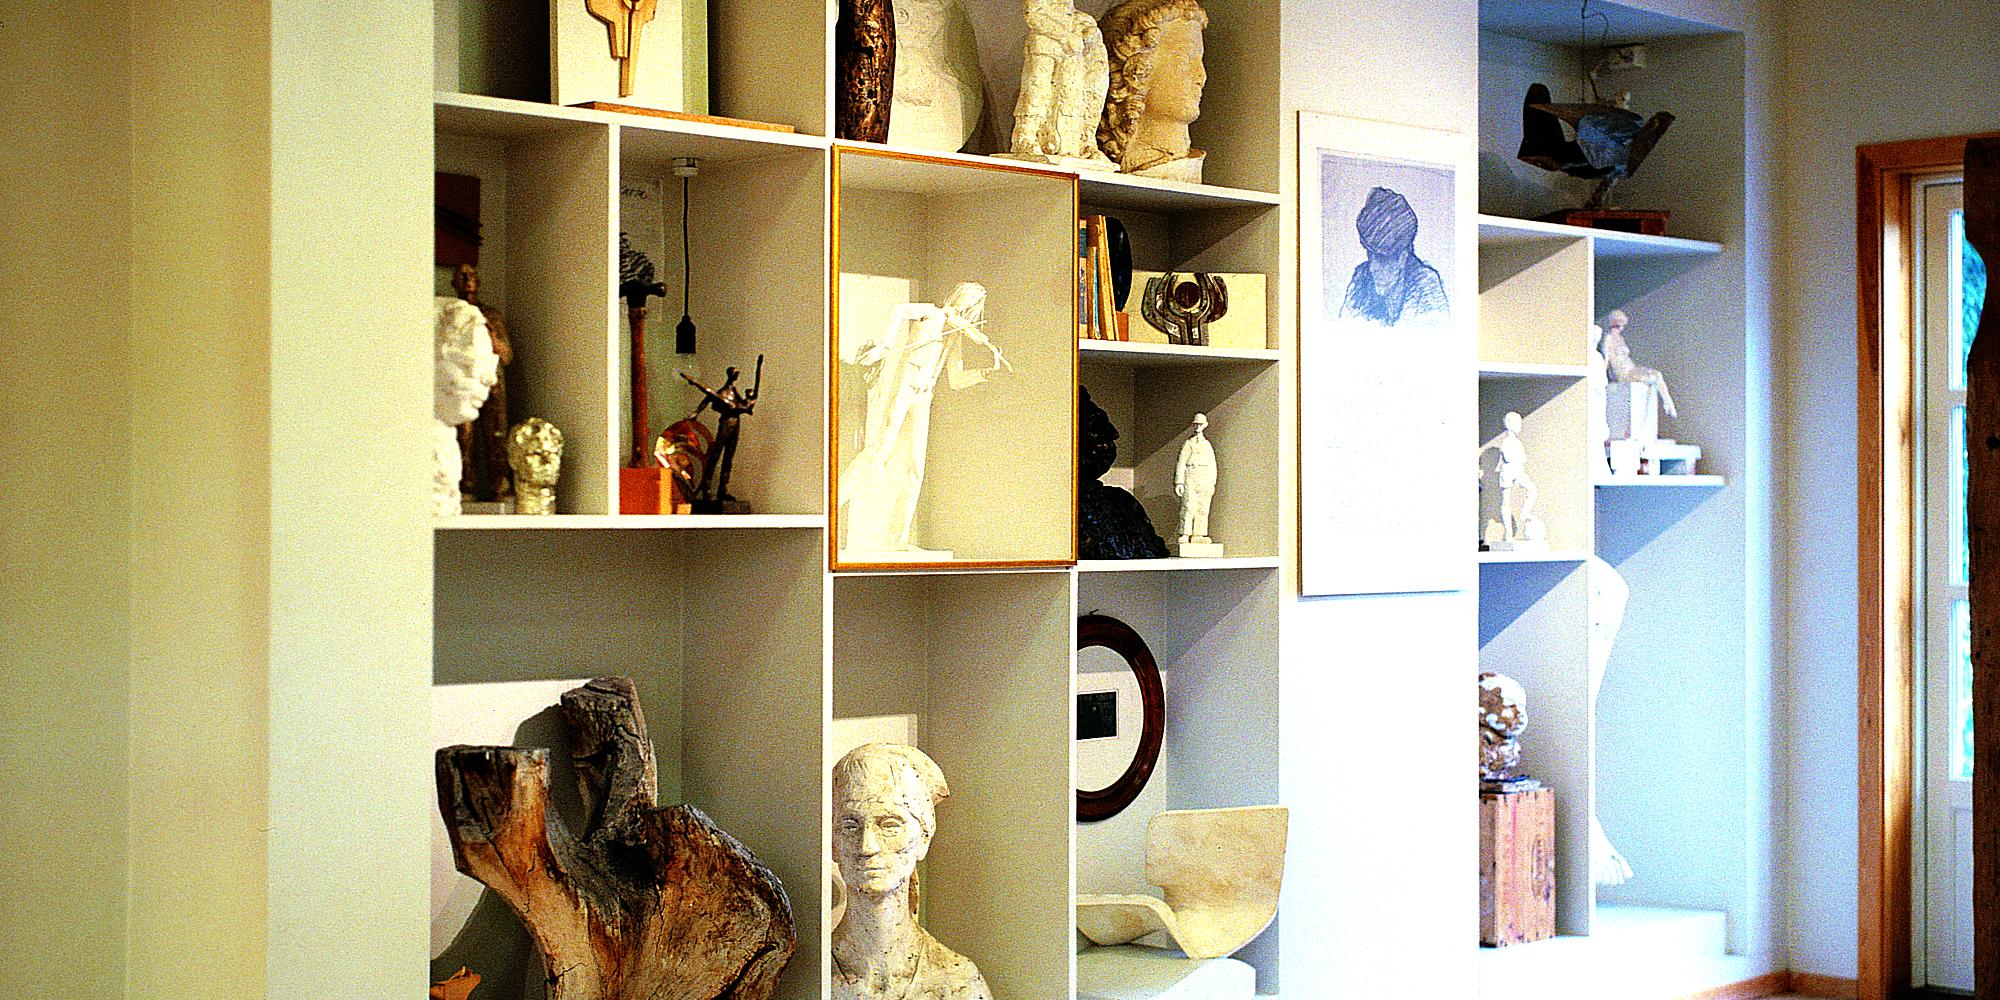 Nils Aas Kunstverksted - fast utstilling av Nils Aas. Copyright: Nils Aas Kunstverksted